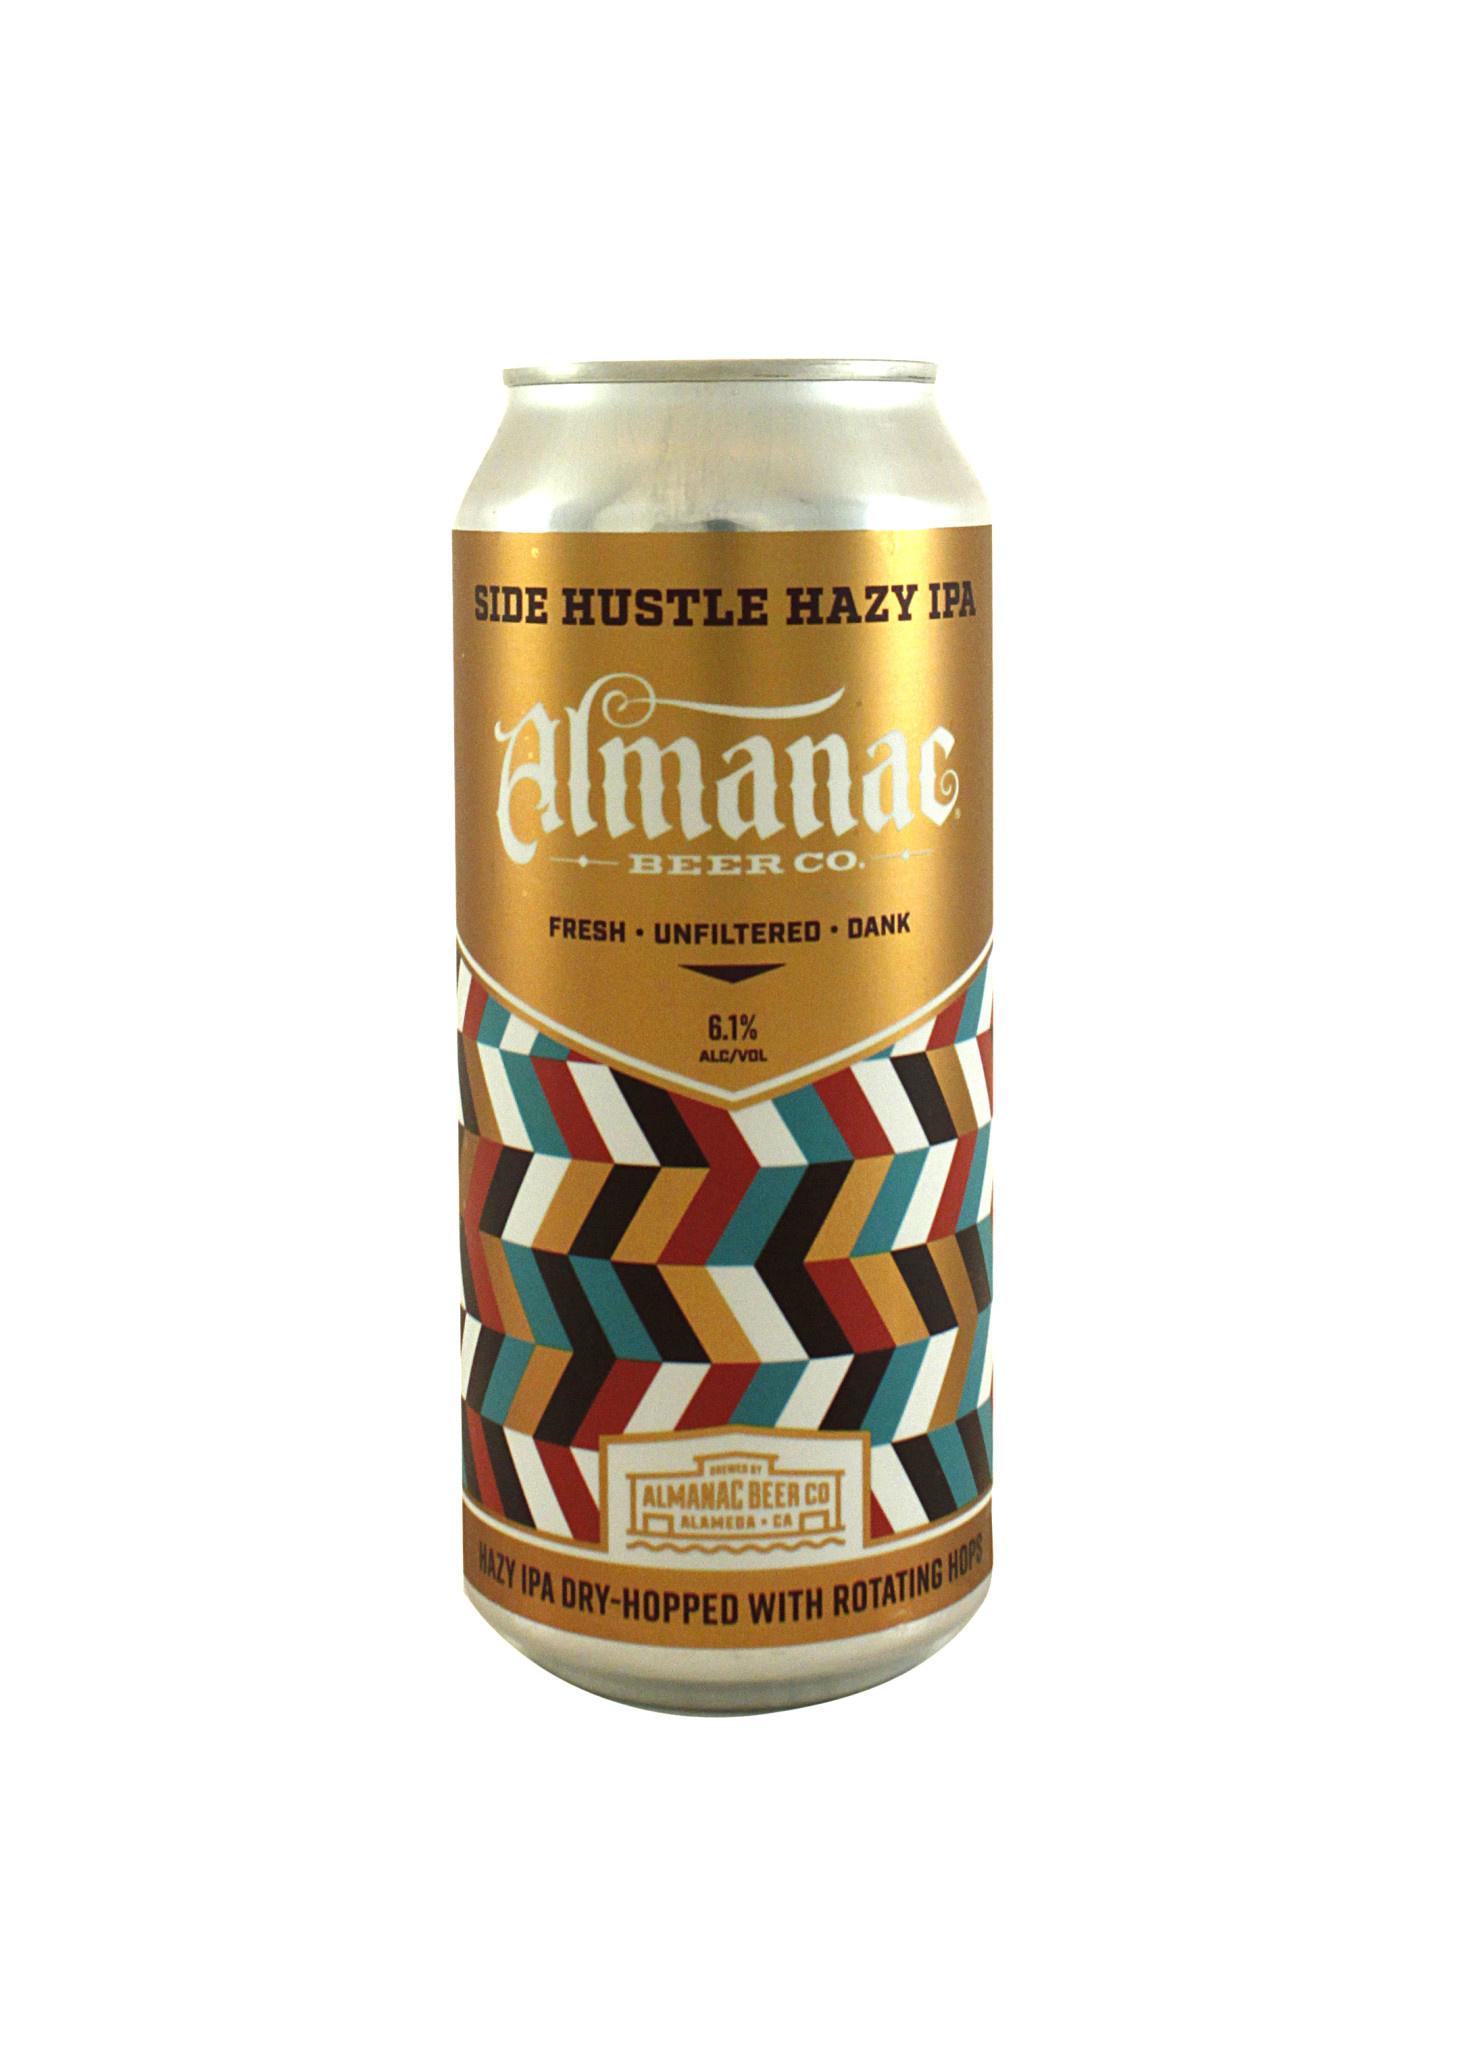 """Almanac Beer Co. """"Side Hustle"""" Hazy IPA 16oz. can - Alameda, CA"""